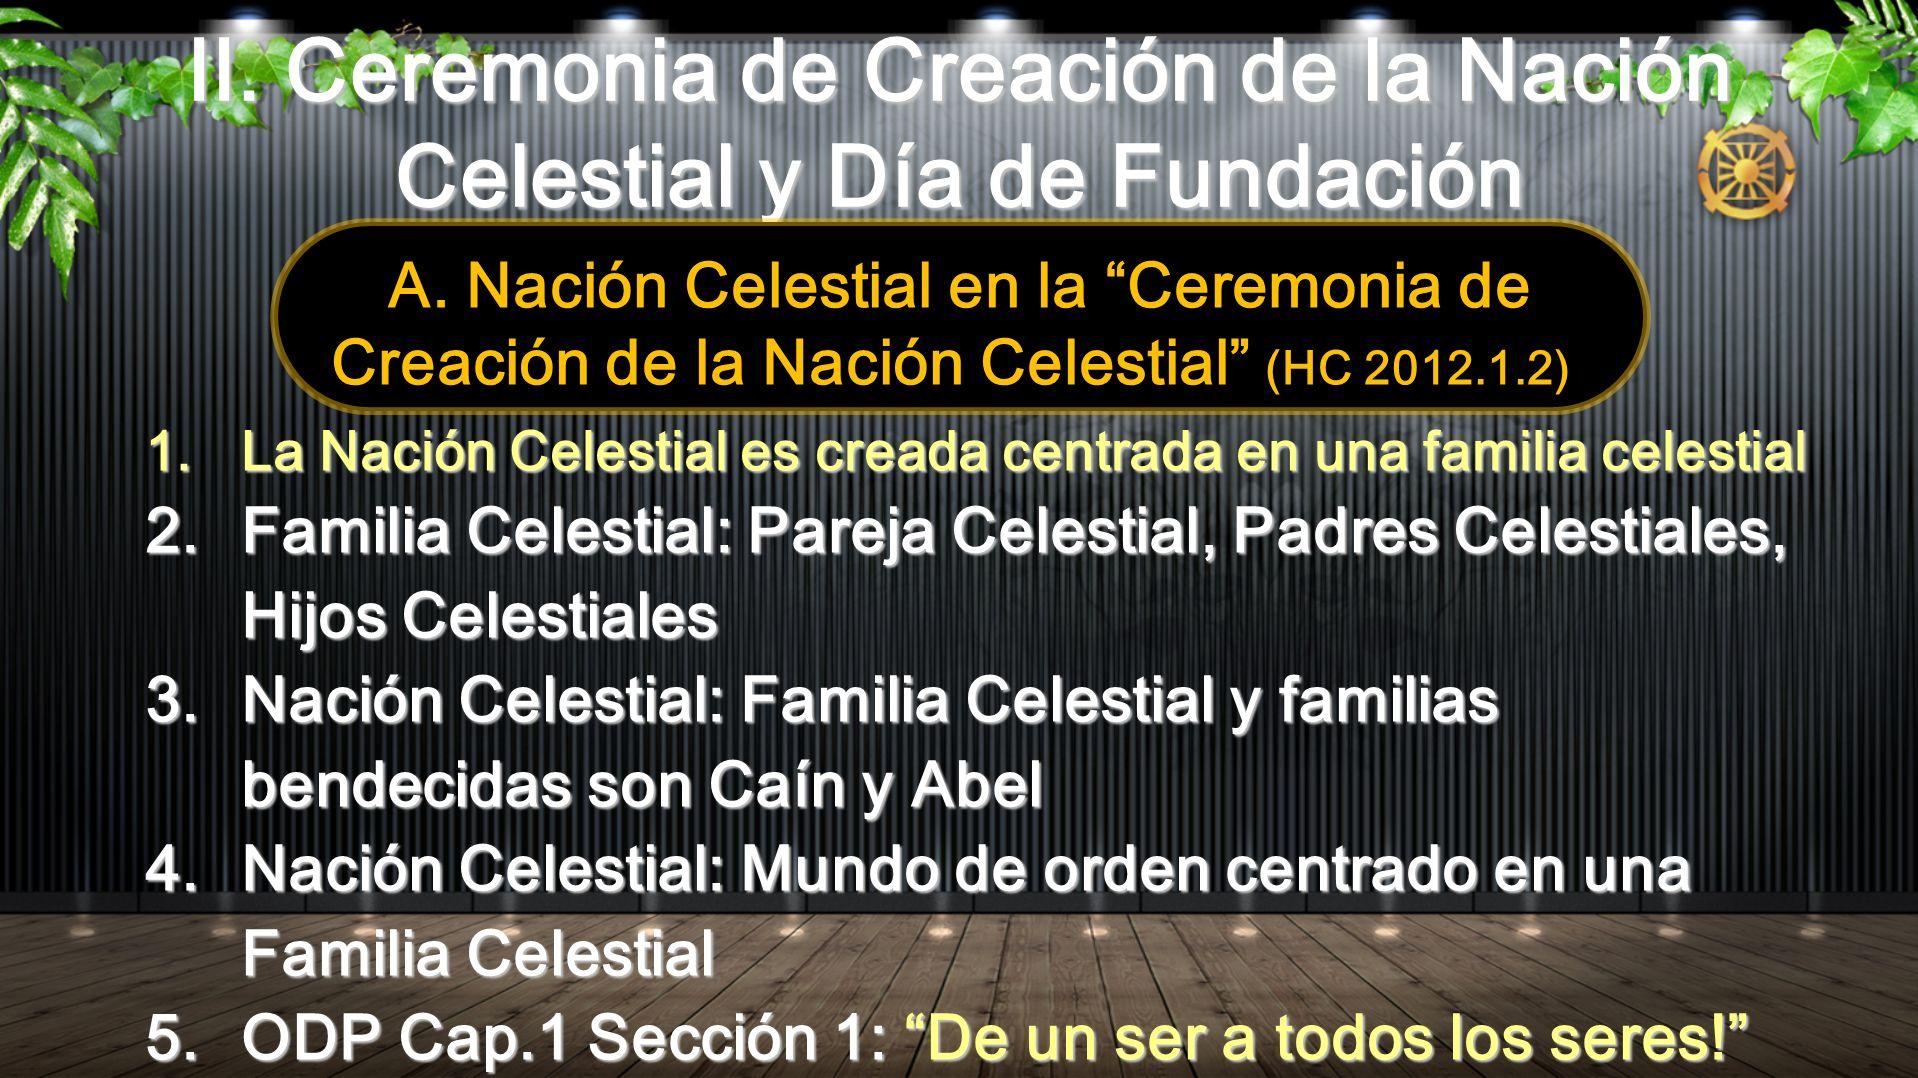 II. Ceremonia de Creación de la Nación Celestial y Día de Fundación 1.La Nación Celestial es creada centrada en una familia celestial 2.Familia Celest